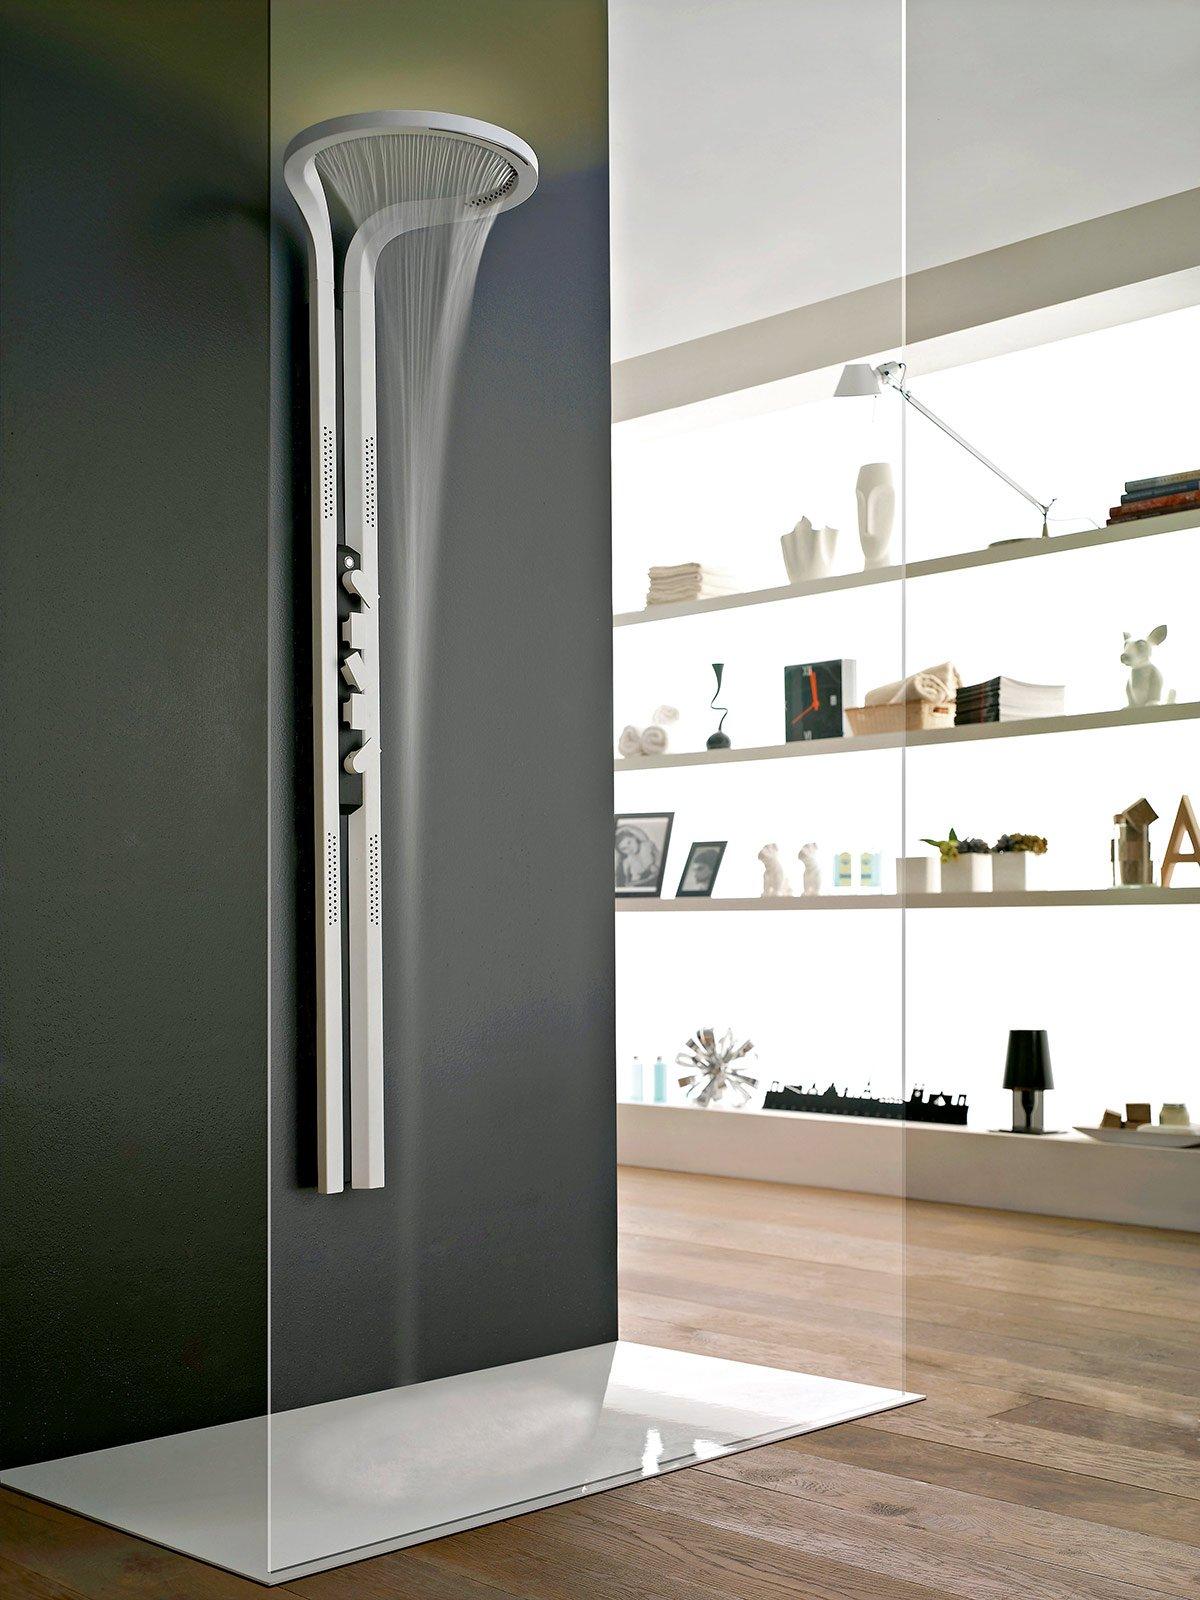 Rubinetteria soffioni per la doccia cose di casa - Grohe rubinetteria bagno prezzi ...